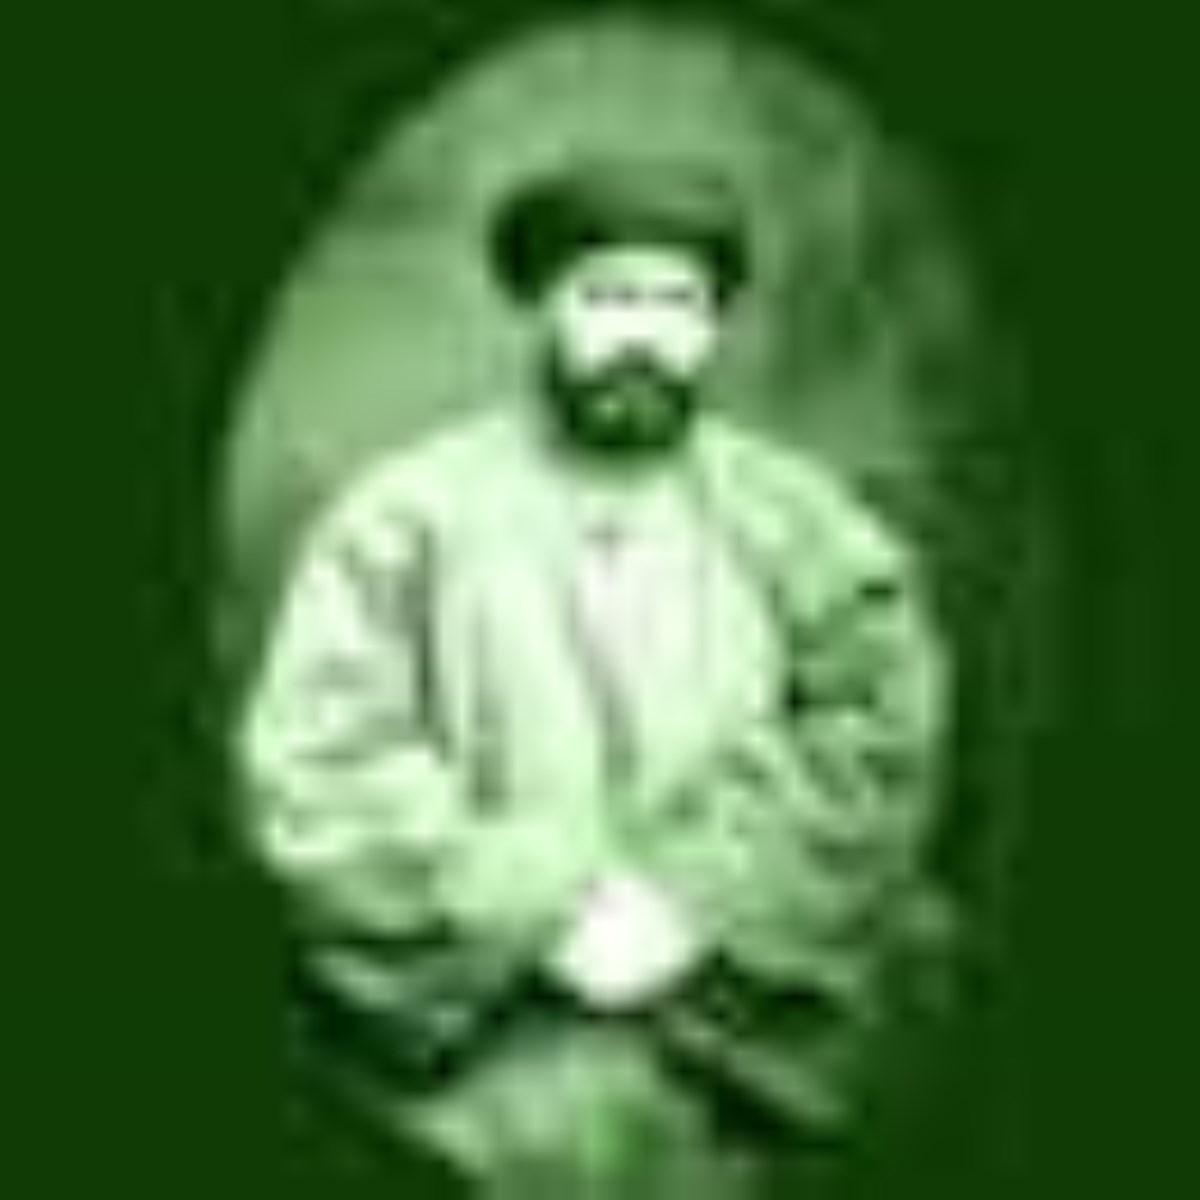 اصلاح ديني از نگاه سيد جمال (1)